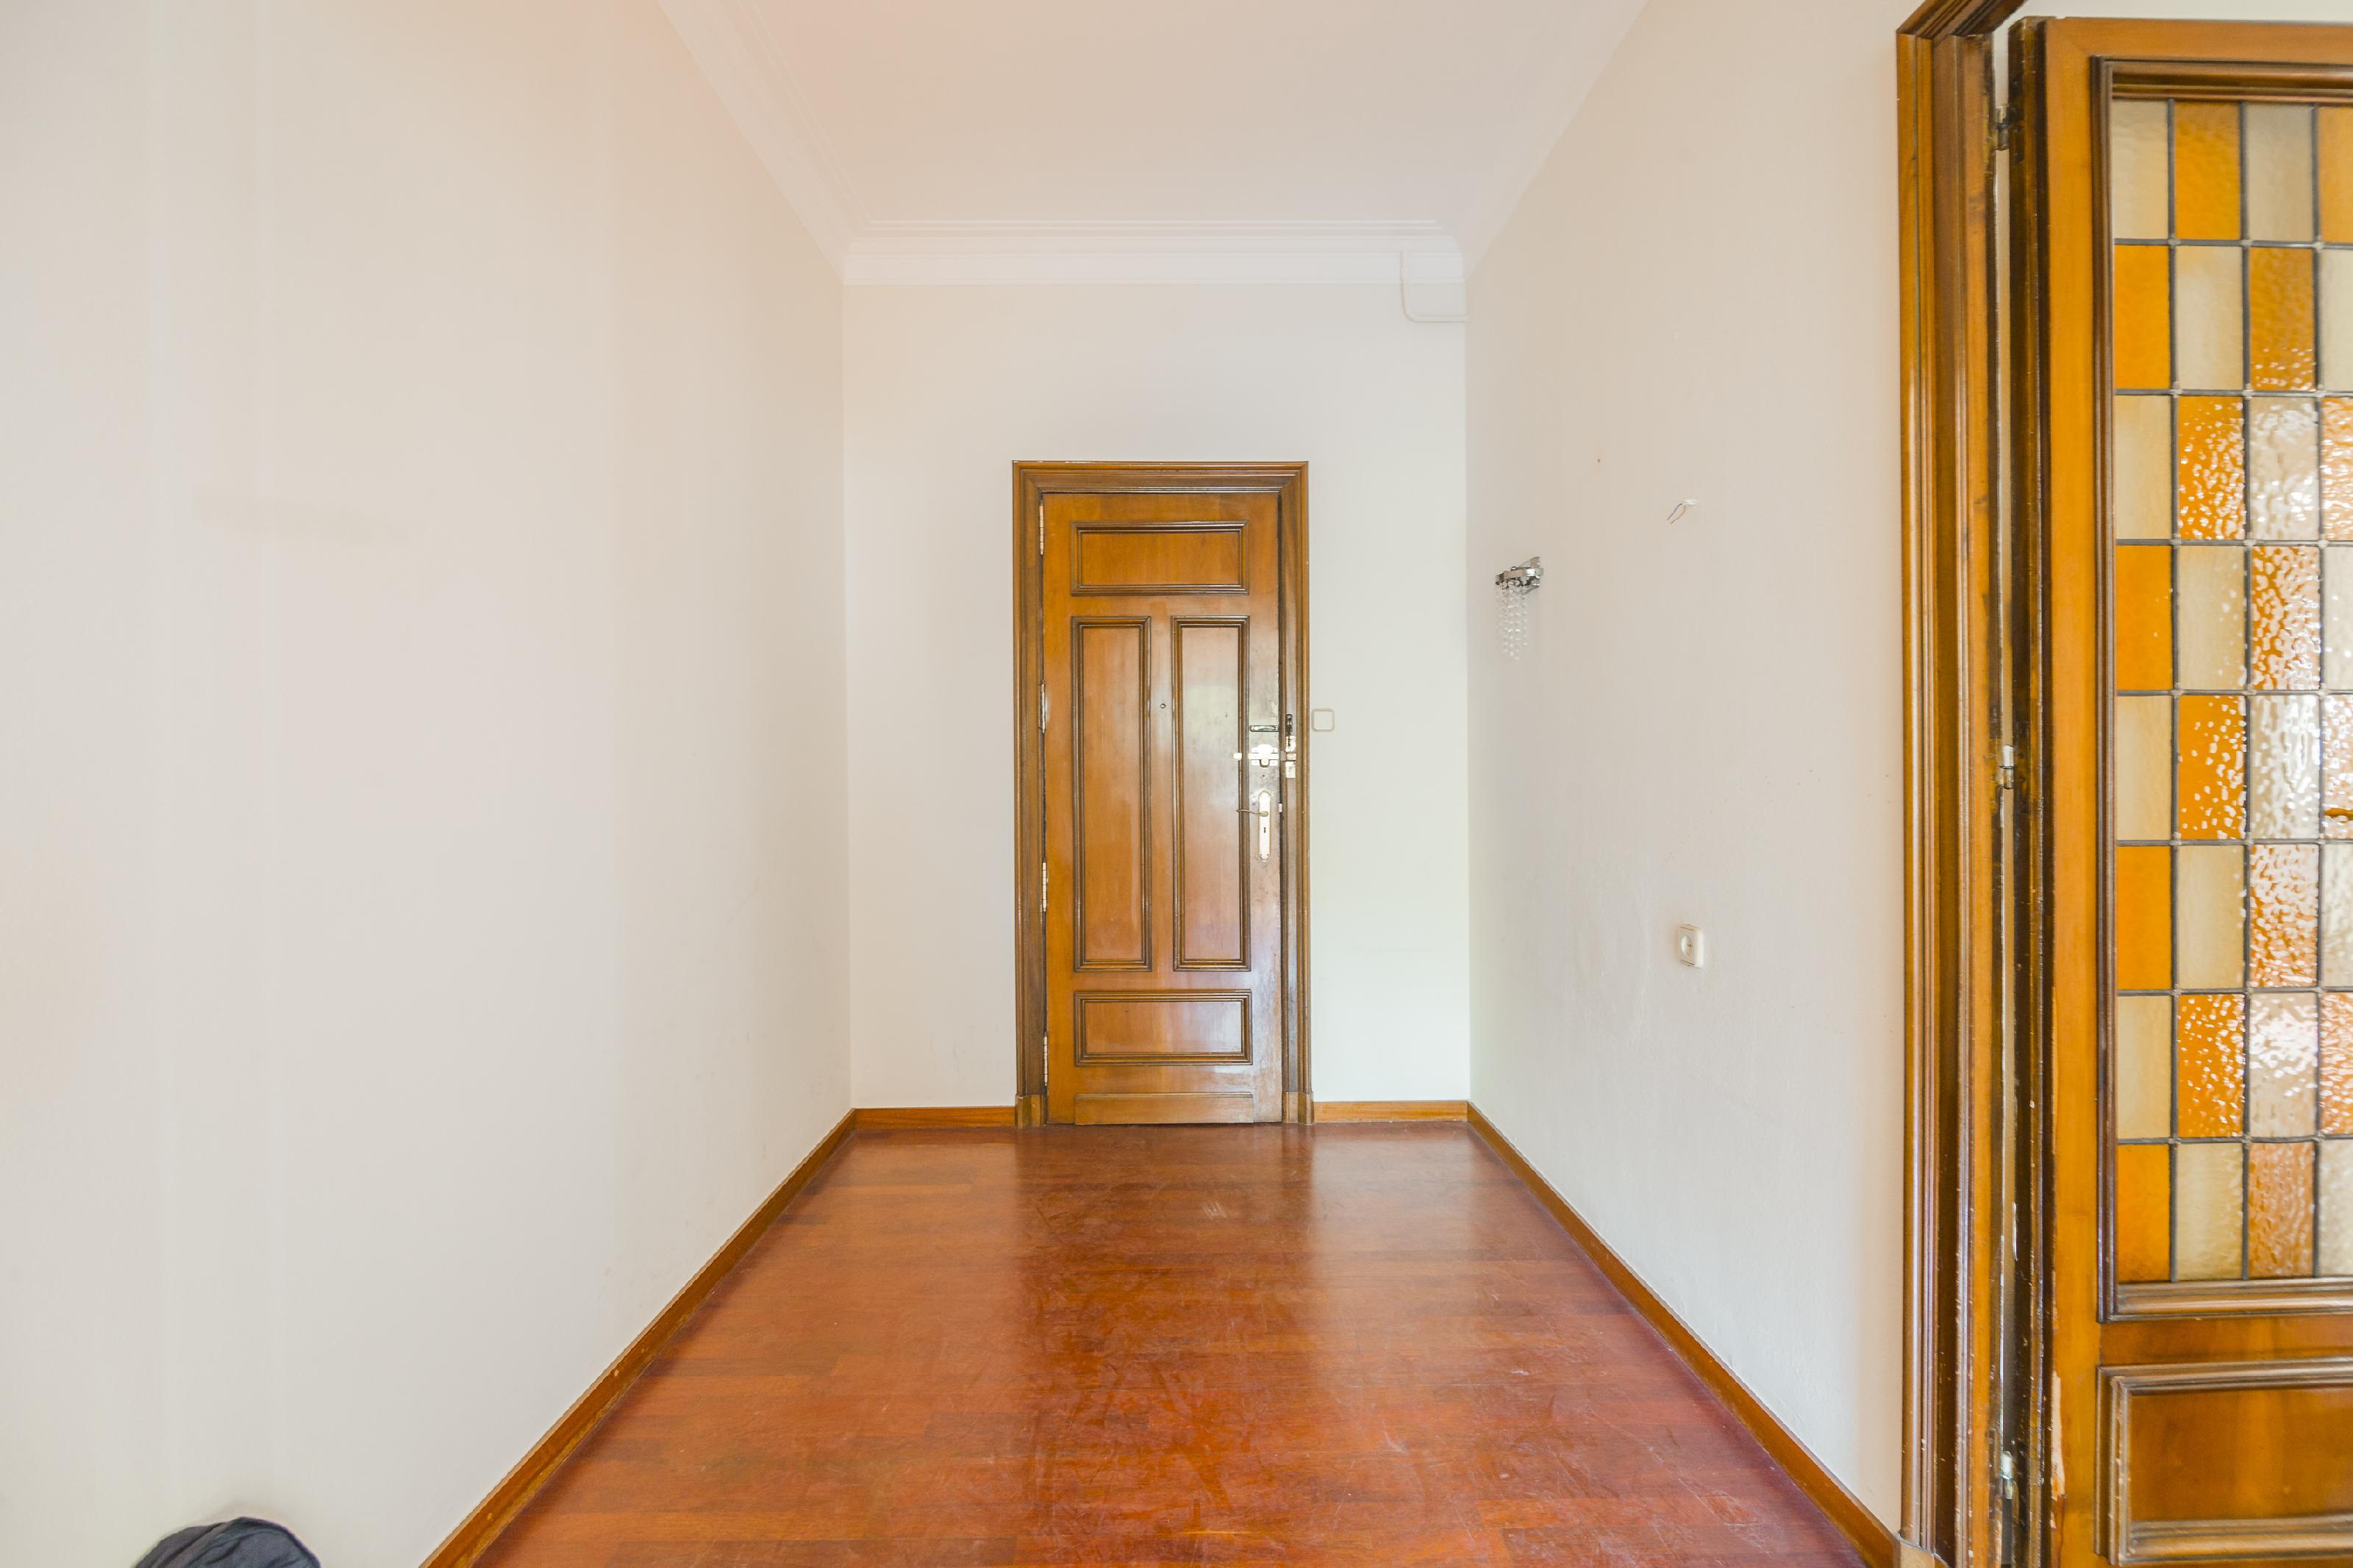 246347 Flat for sale in Sarrià-Sant Gervasi, St. Gervasi-Bonanova 7